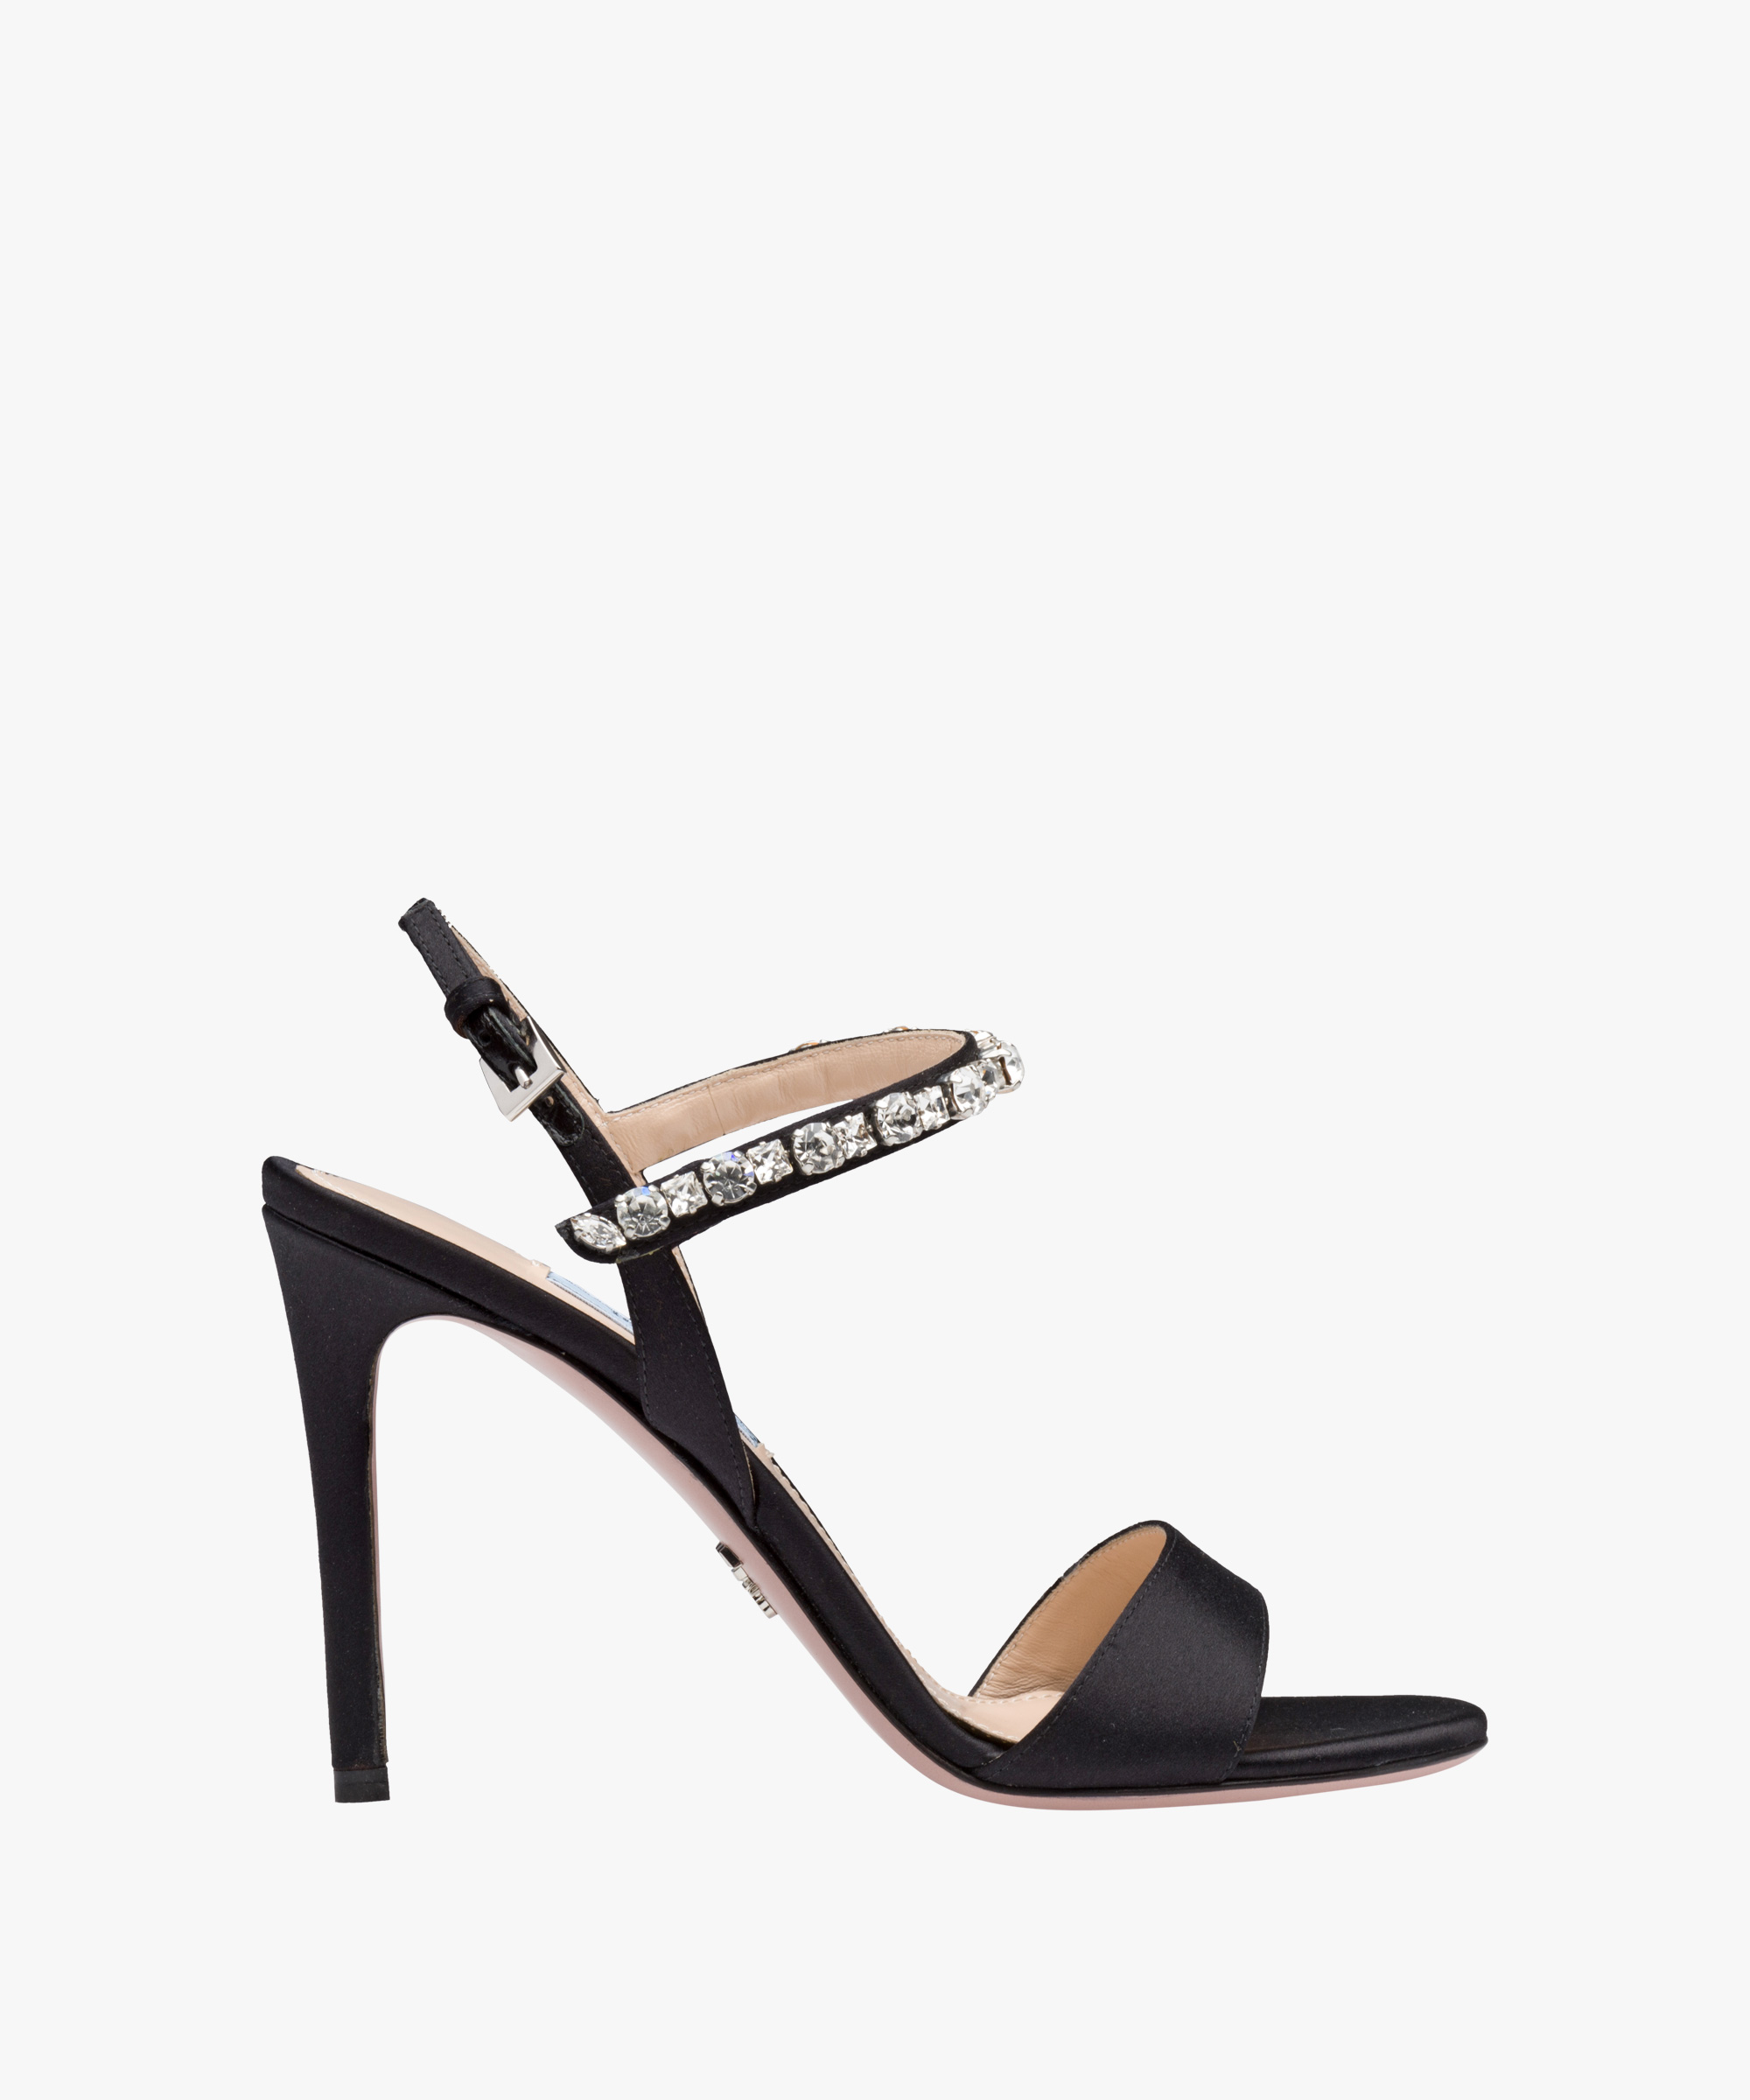 Sandali gioiello neri in raso con cristalli Prada estate 2018